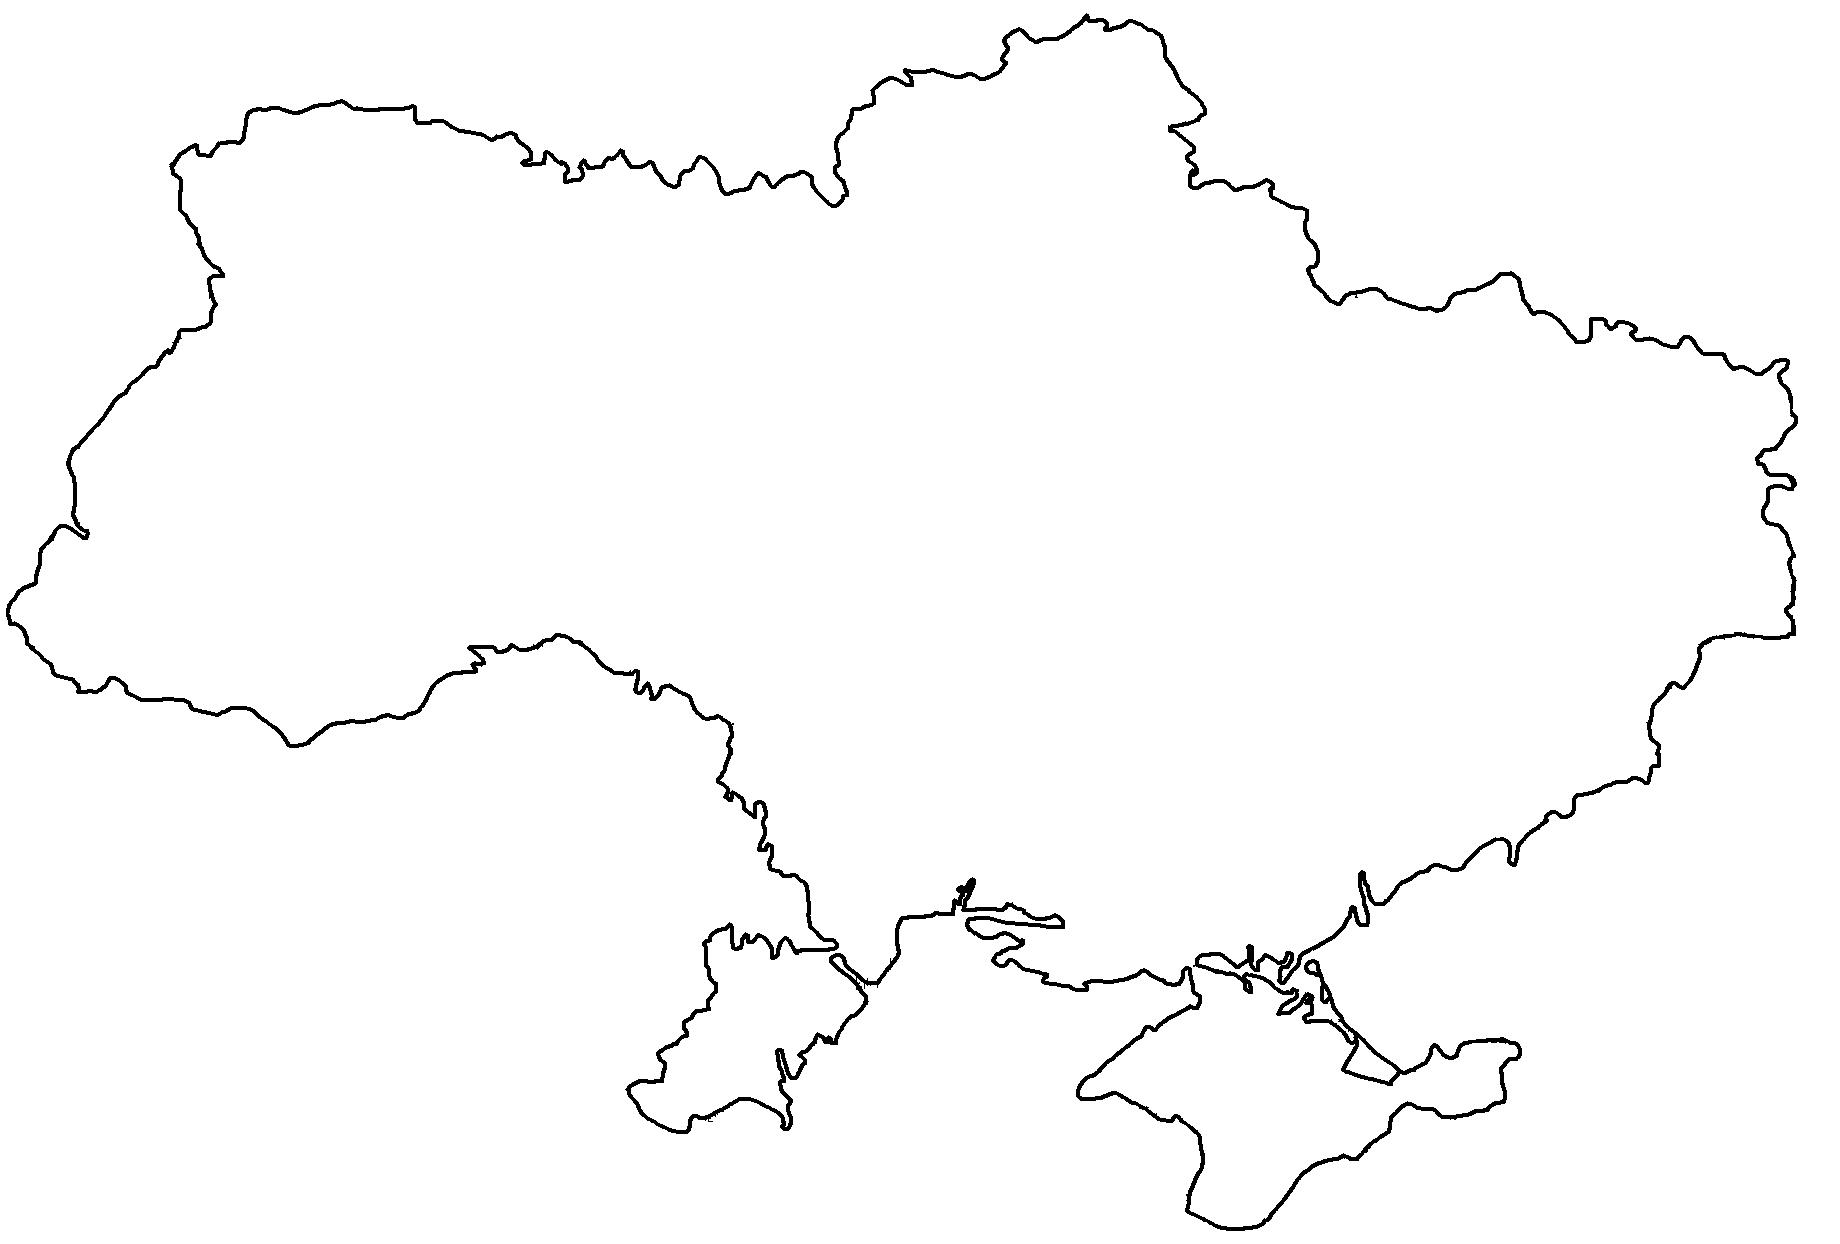 Blank map of Ukraine.png - Ukraine PNG